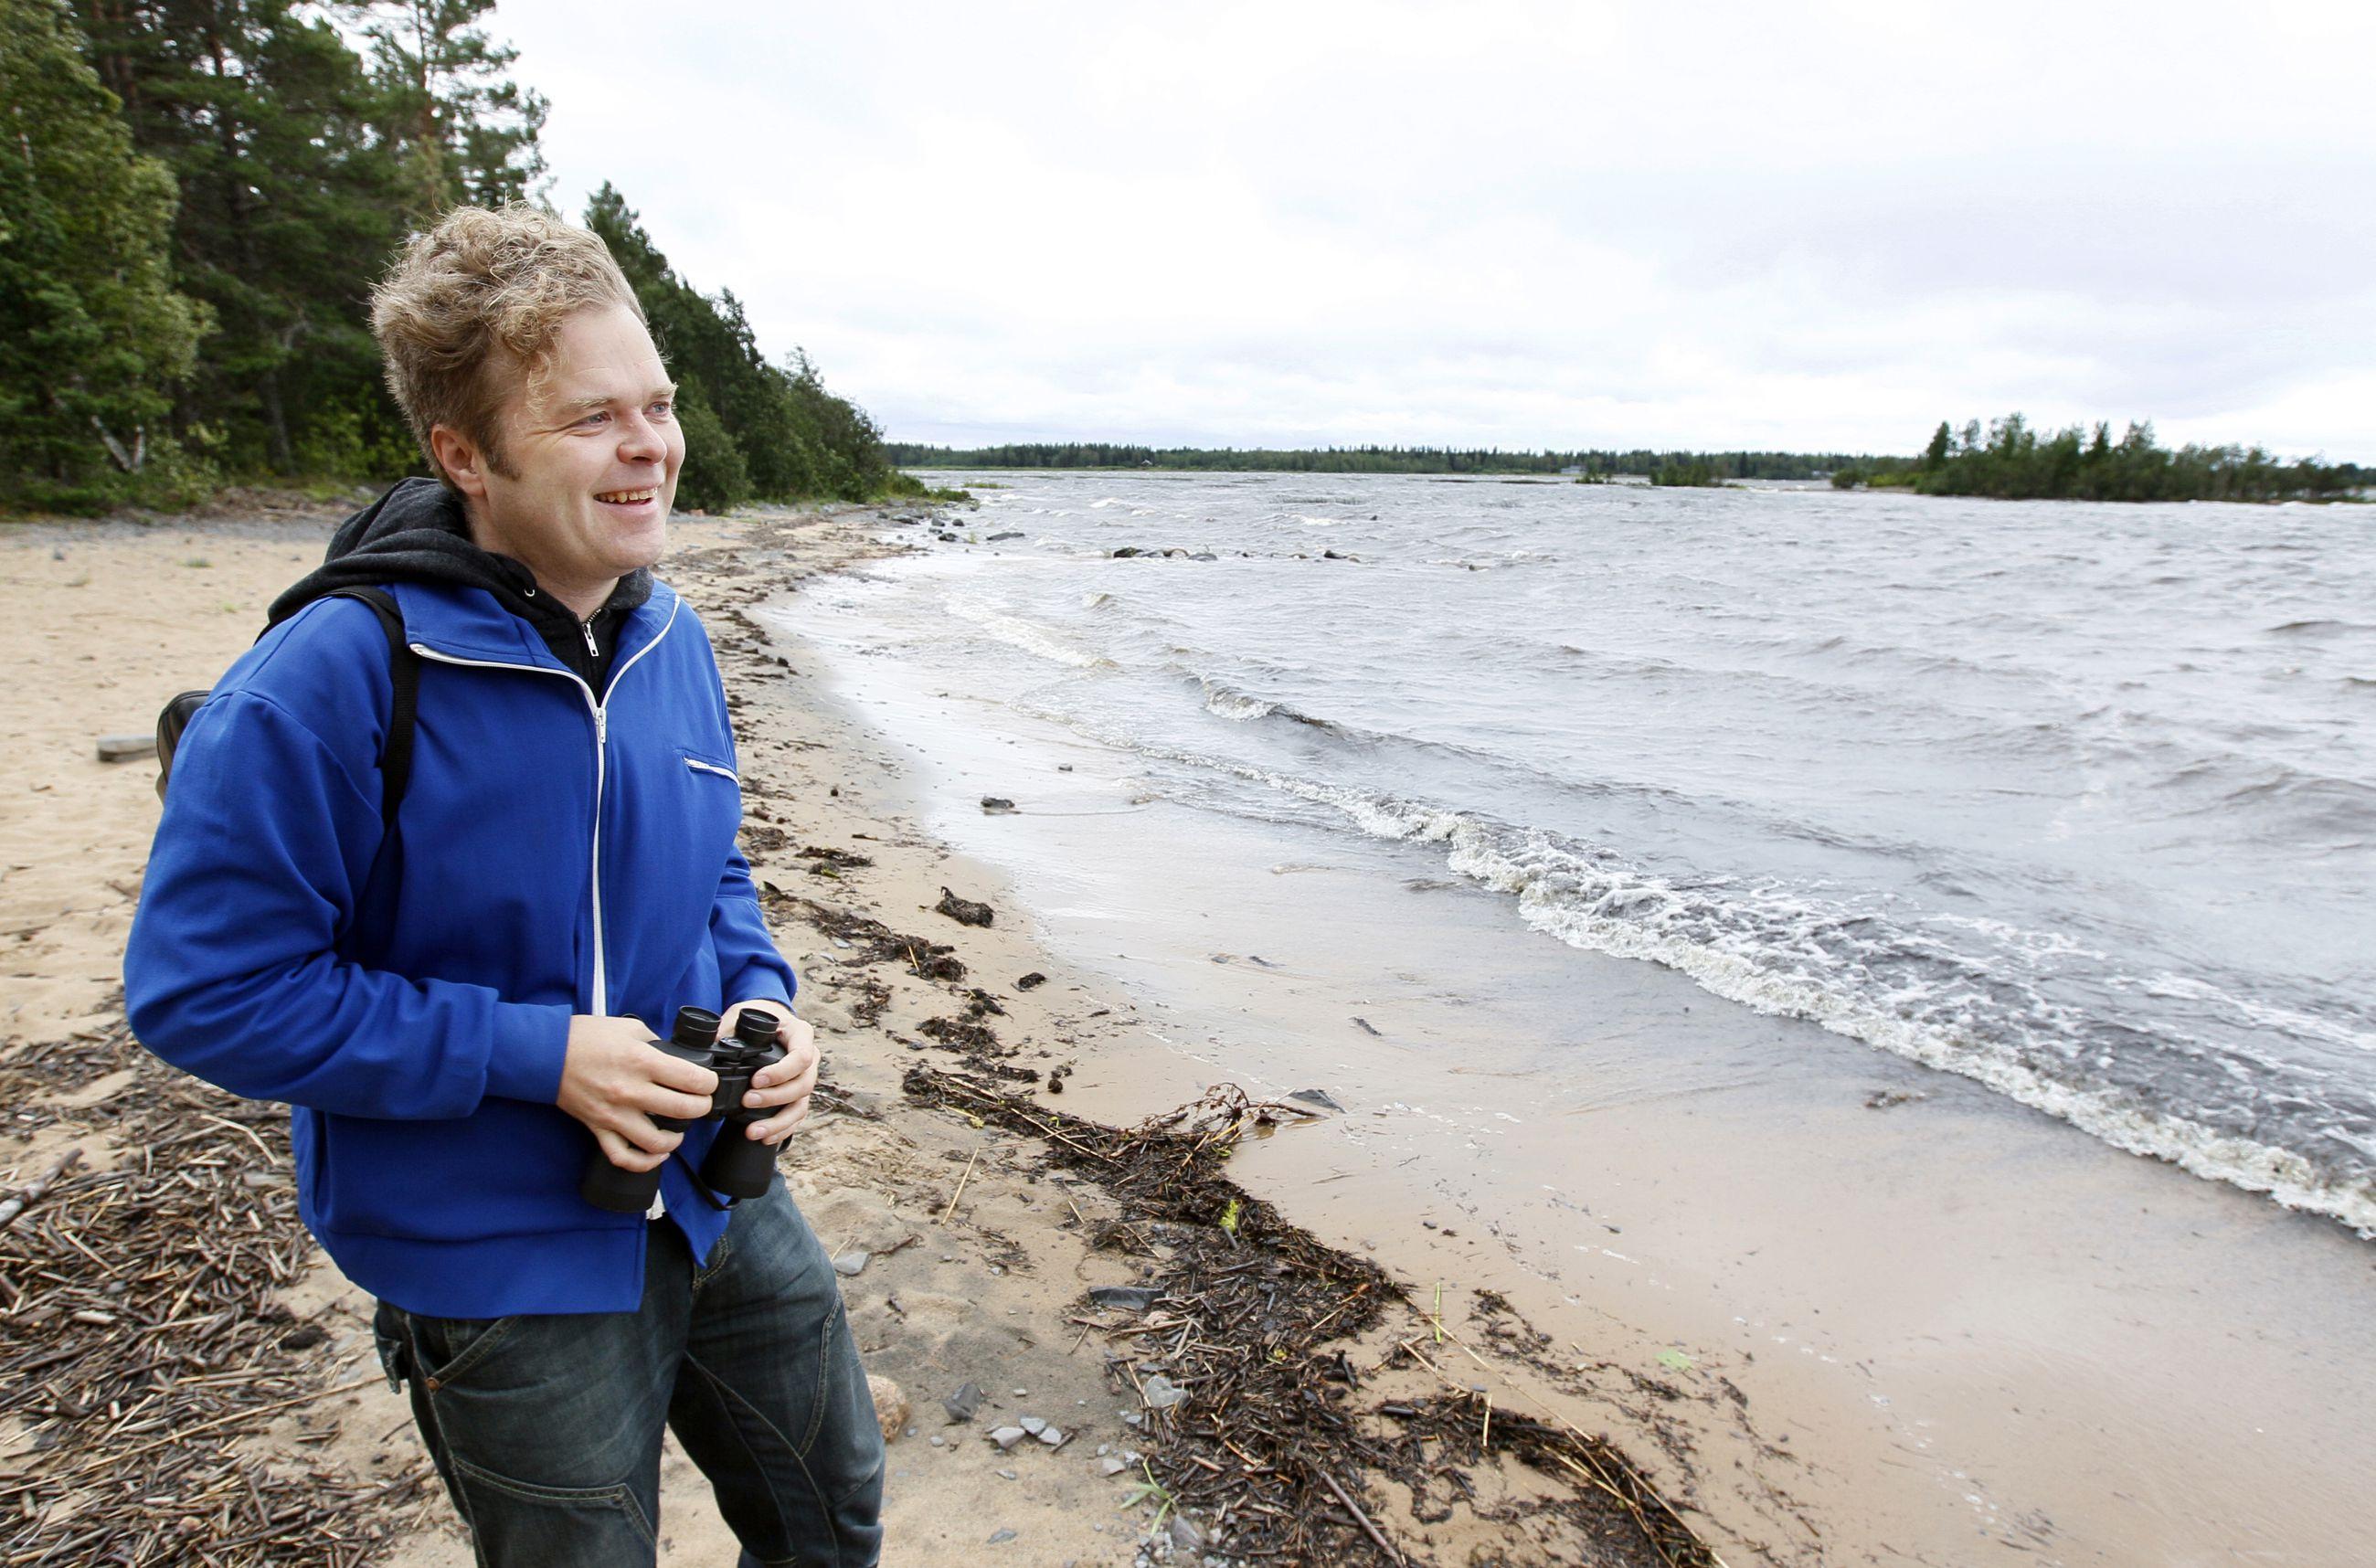 Maakinen Martinniemi